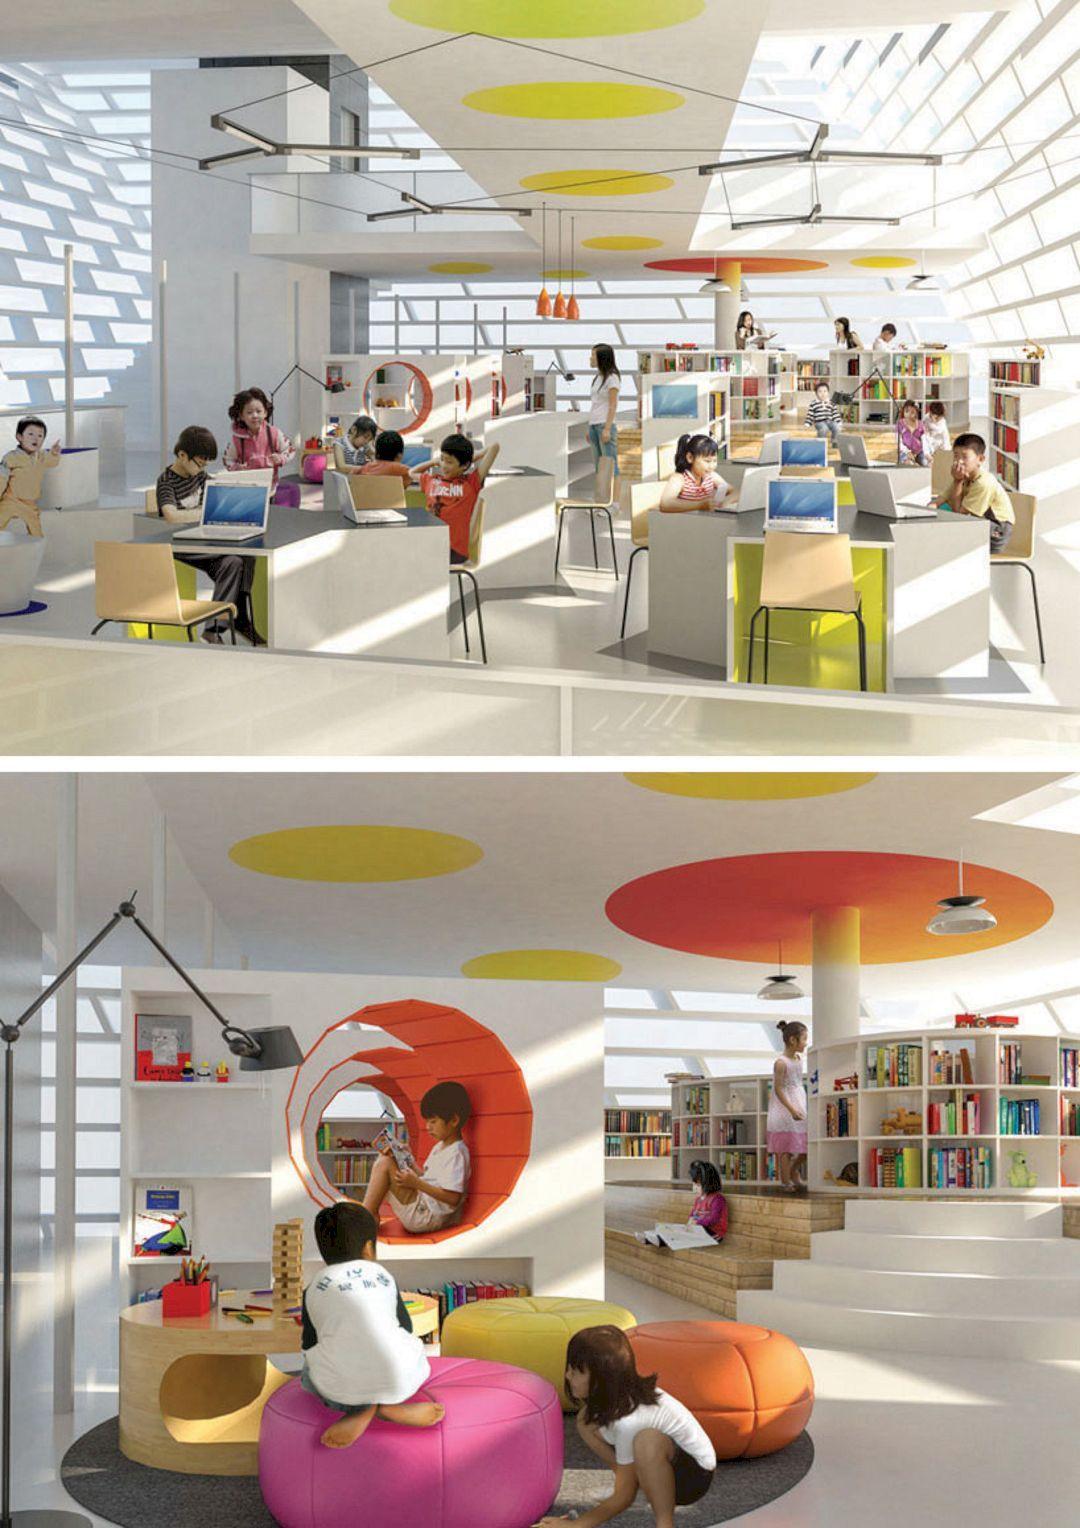 Stunning Kidu0027s Playground Room Ideas: 155 Best Designs  Https://www.futuristarchitecture.com/22912 Kids Playground.html